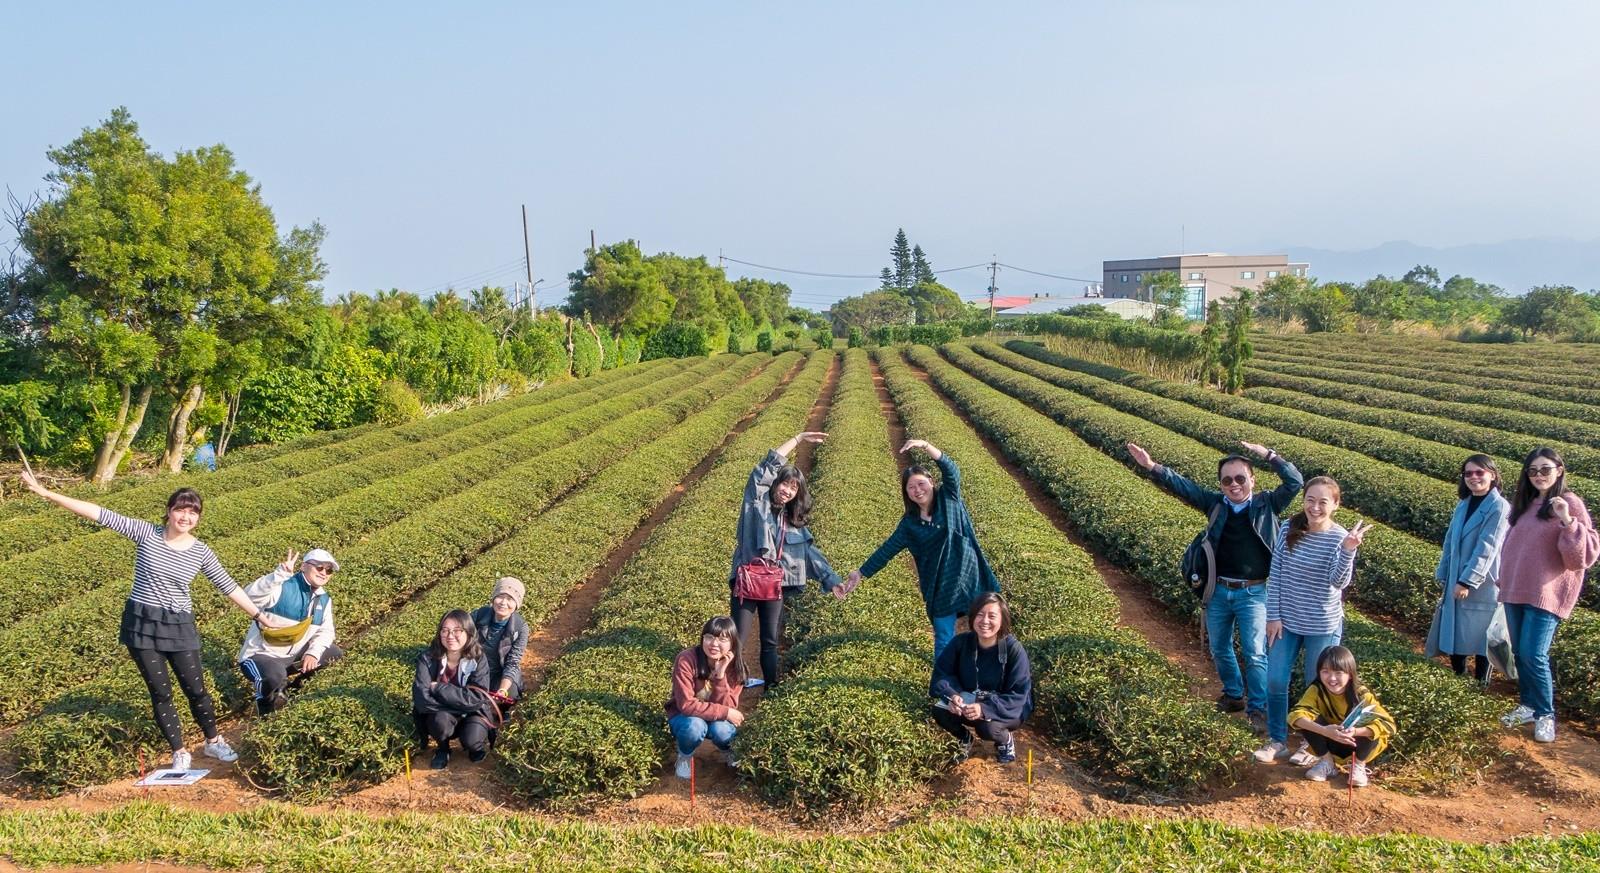 龍潭三和地區擁有豐富的自然生態,是值得探索的現代桃花源。.jpg